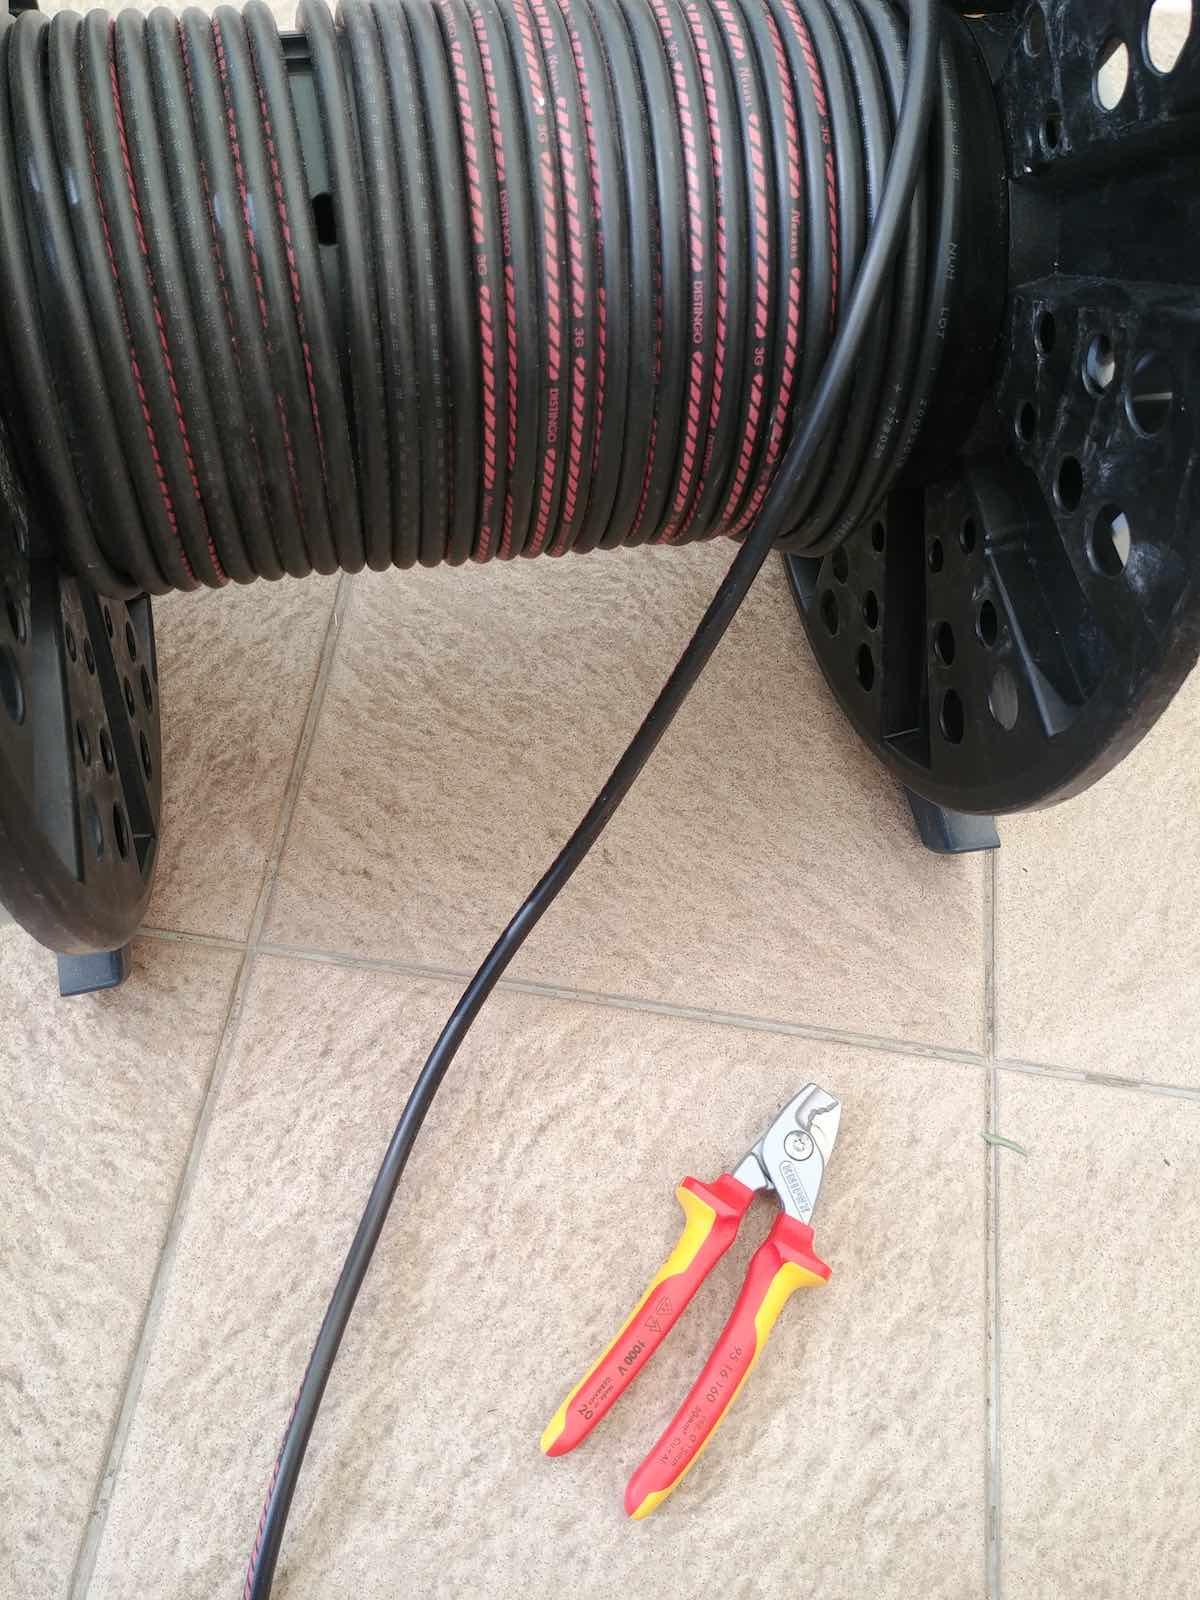 test chantier de la pince Knipex 9516160 pour couper le câble électrique